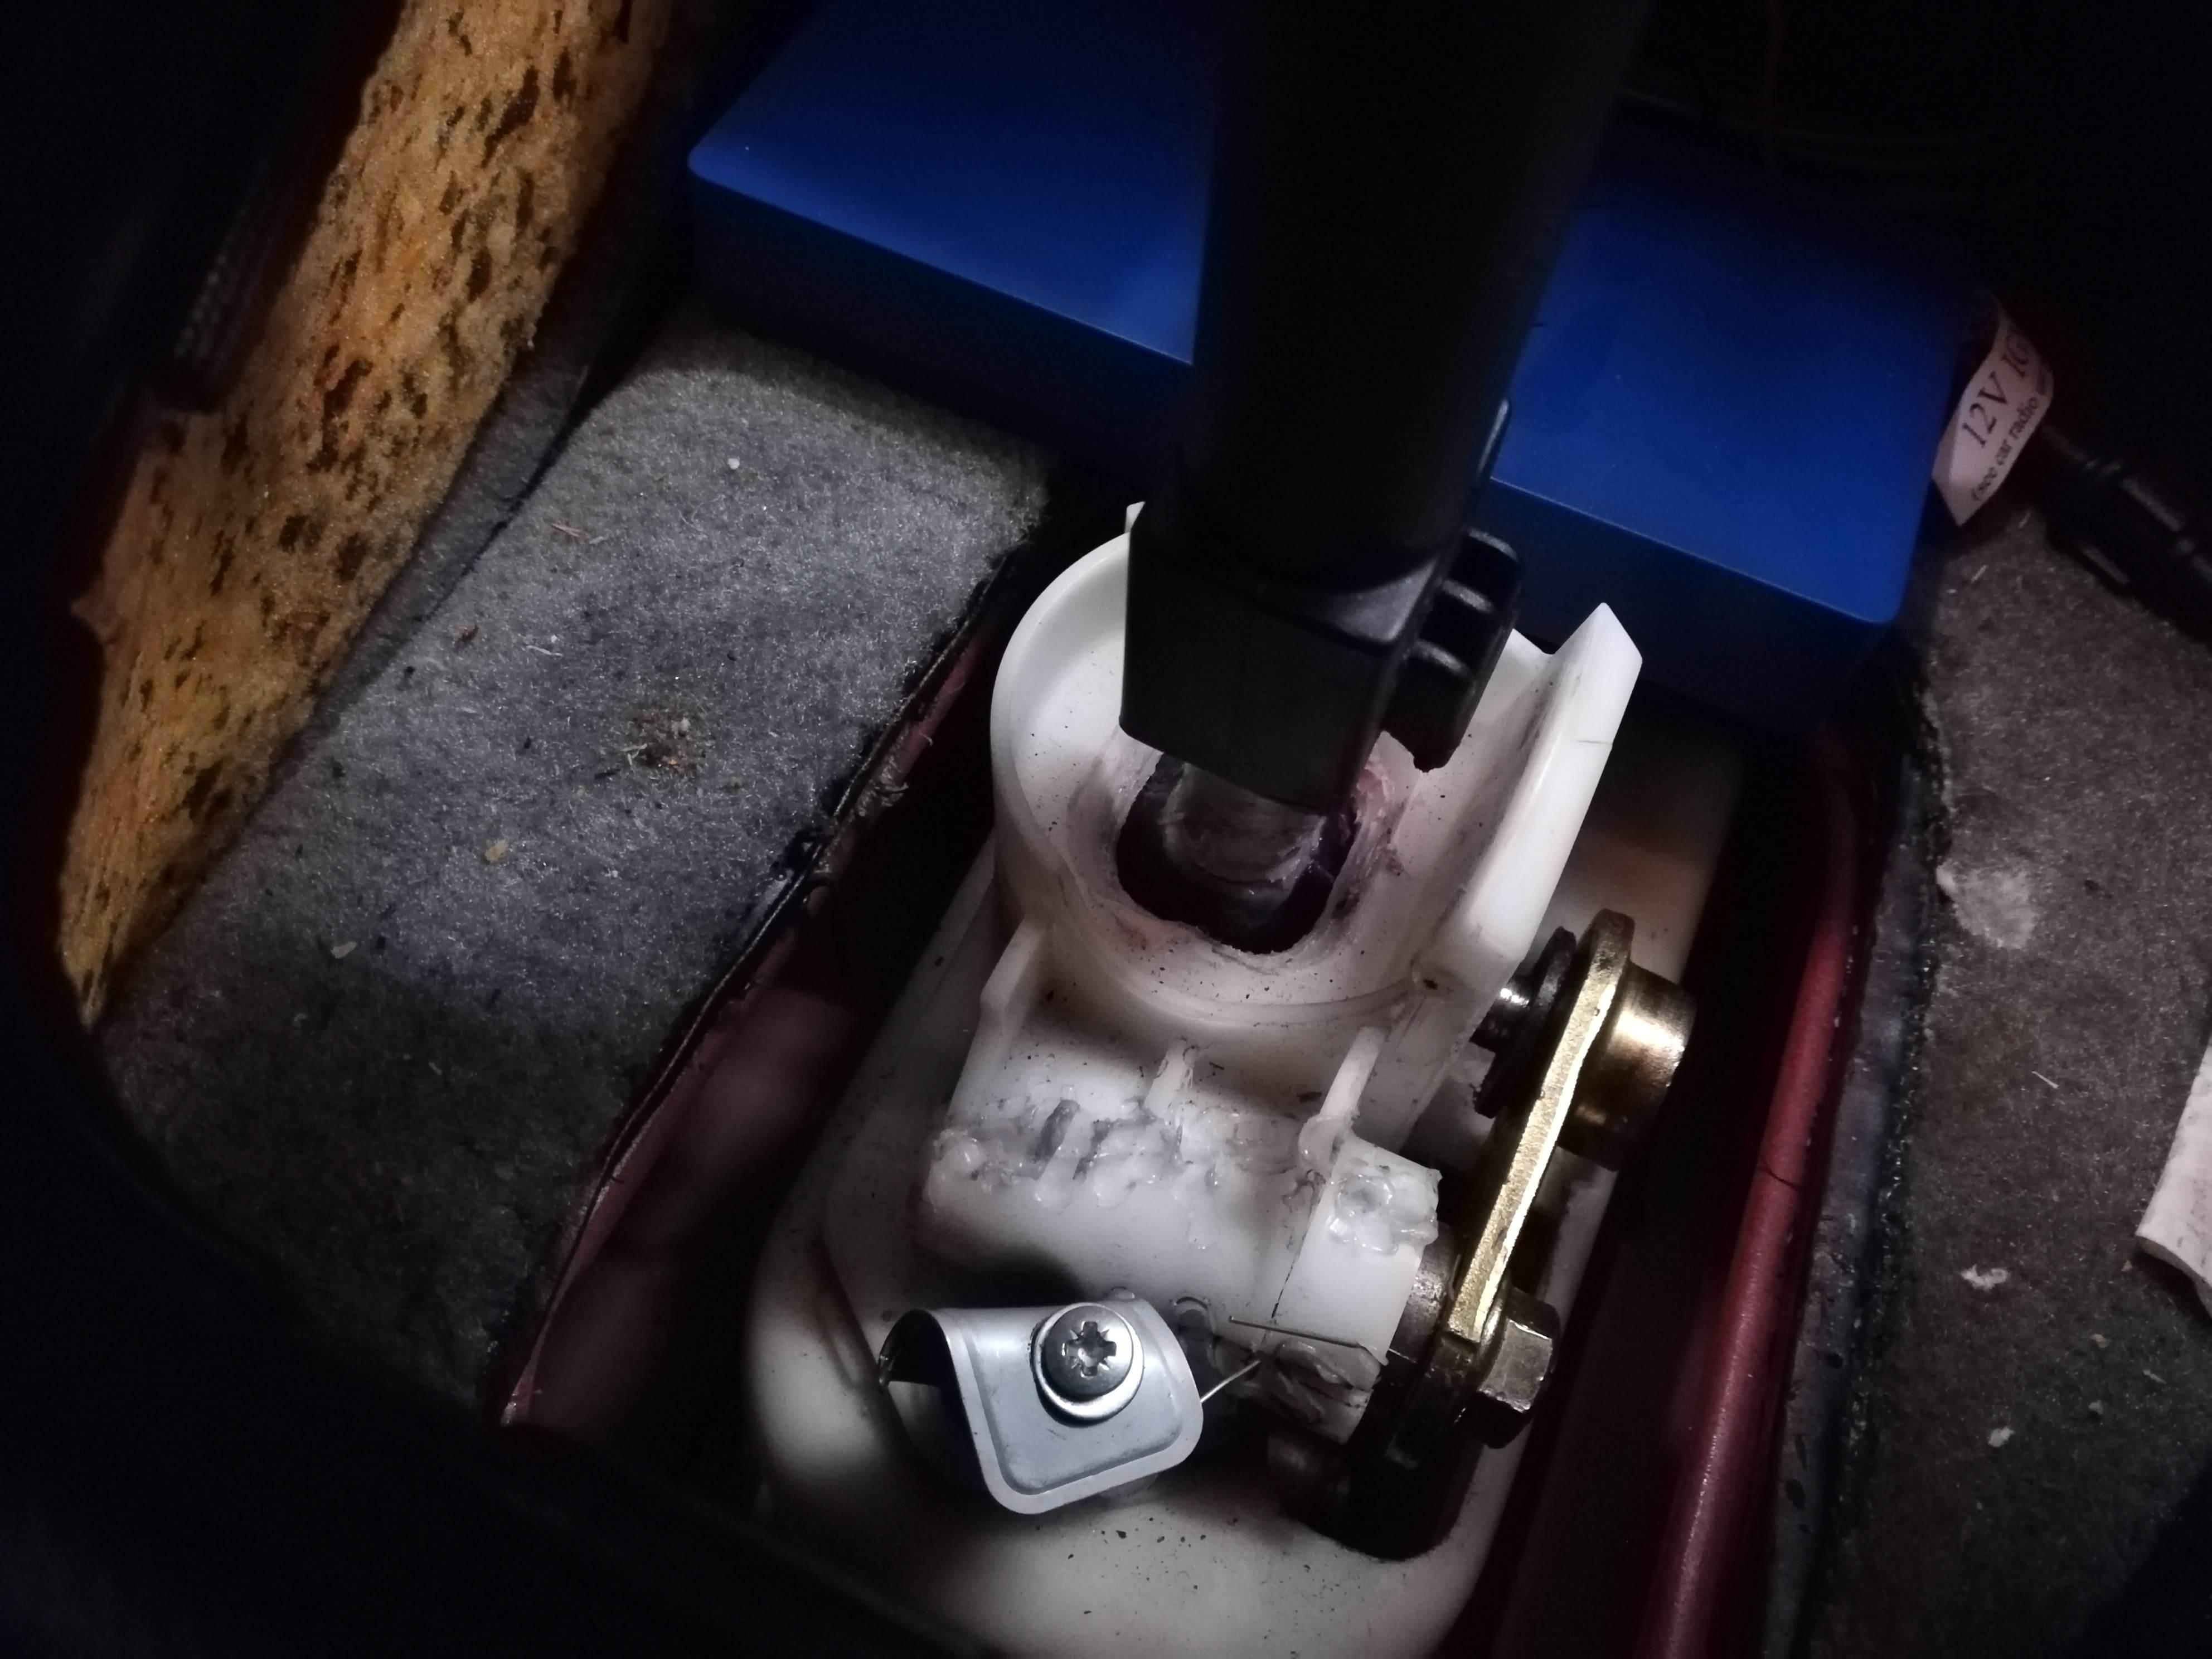 foto culatta di innesto della leva cambio rotta - 1